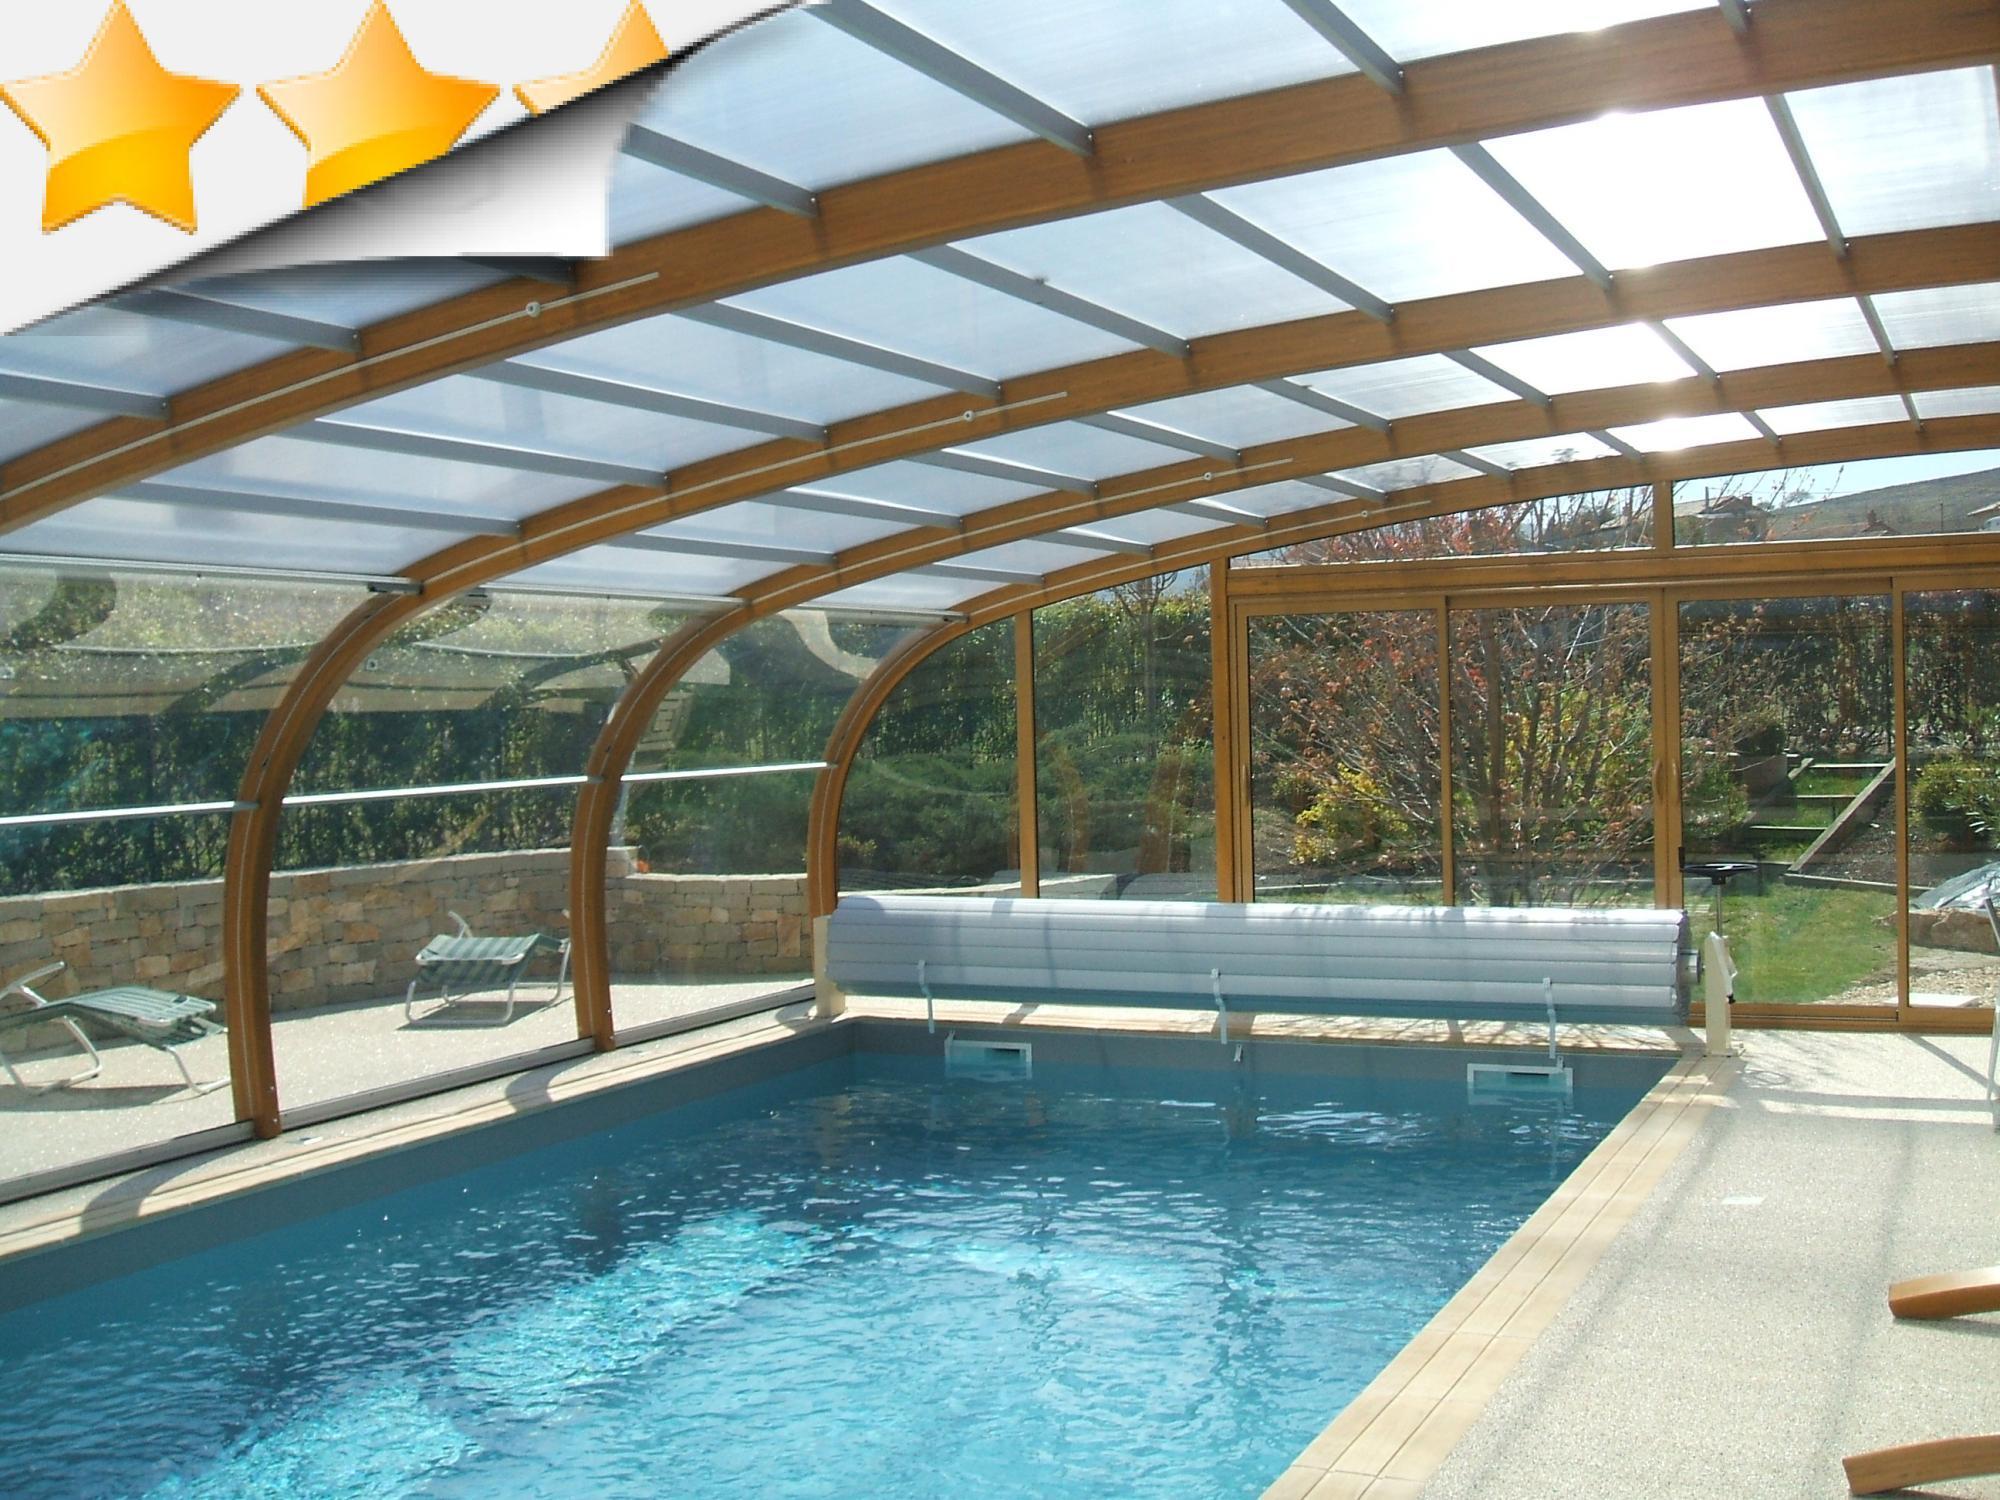 Abri piscine bois 39 ambiance 39 s curit par lpc for Abri piscine en bois